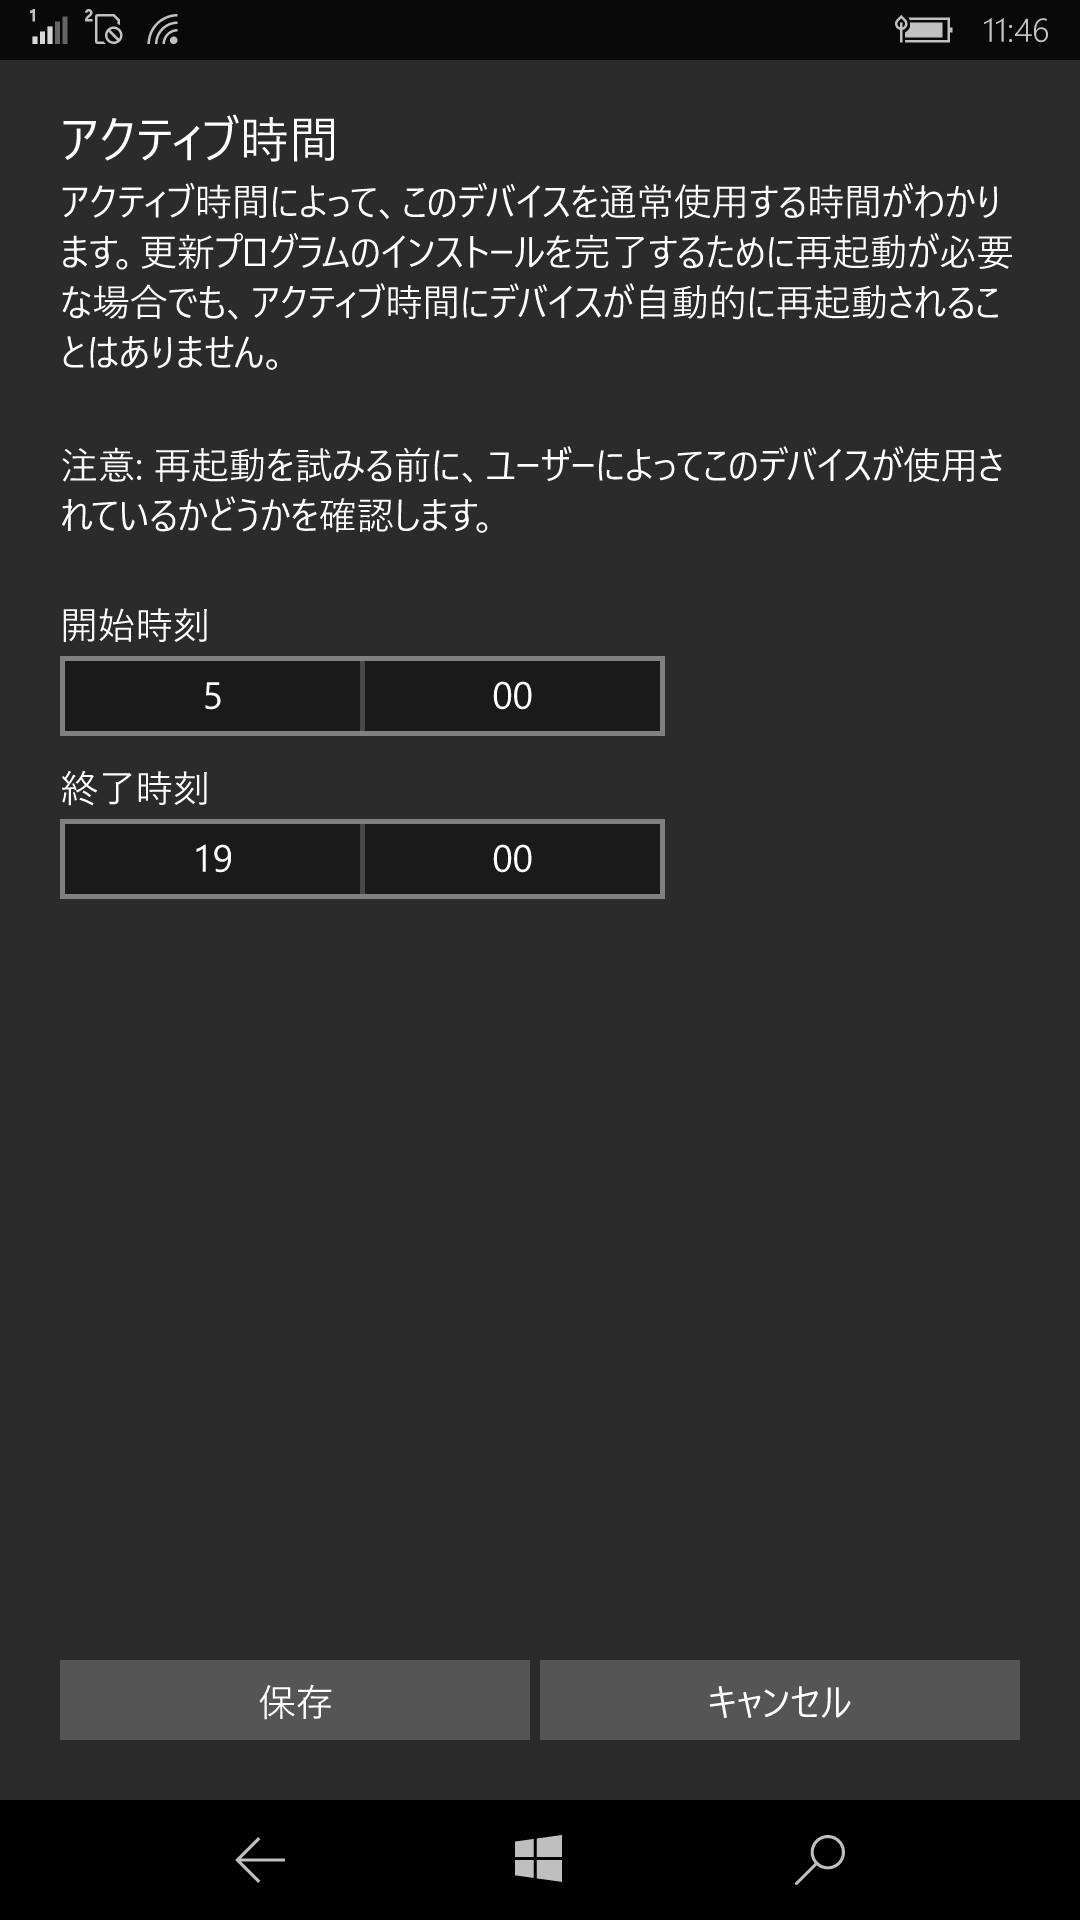 [開始時刻]および[終了時刻]のダイヤルをタップし、好みのアクティブ時間を選択したら、[保存]ボタンをタップする